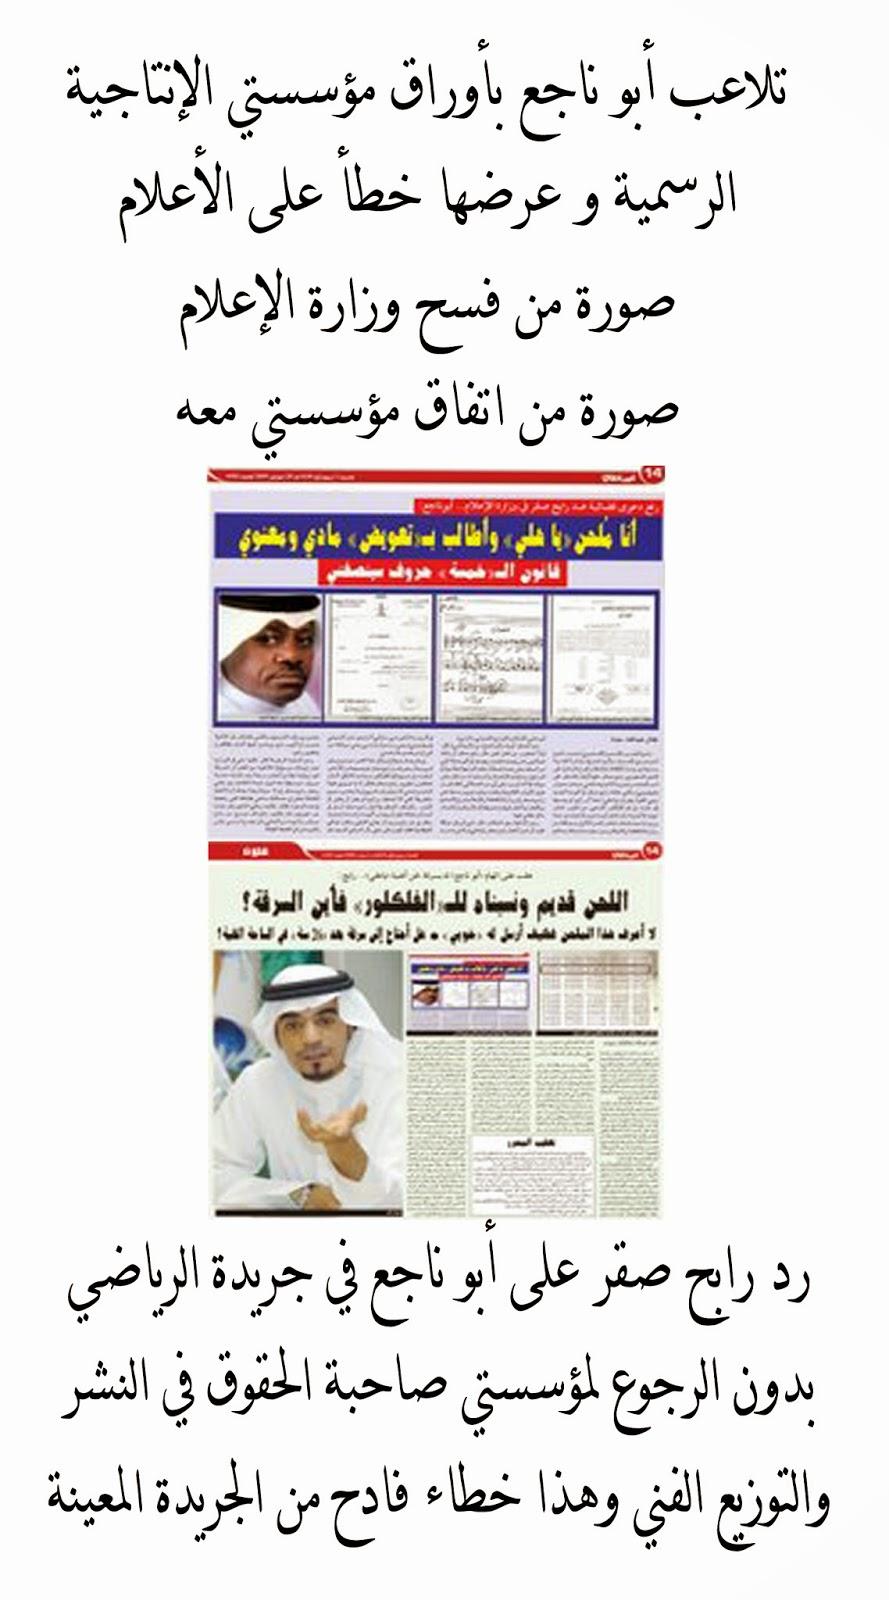 مطربين الأحساء و السعودية و سرقة حقوق مؤسسة خالد أبو حشي